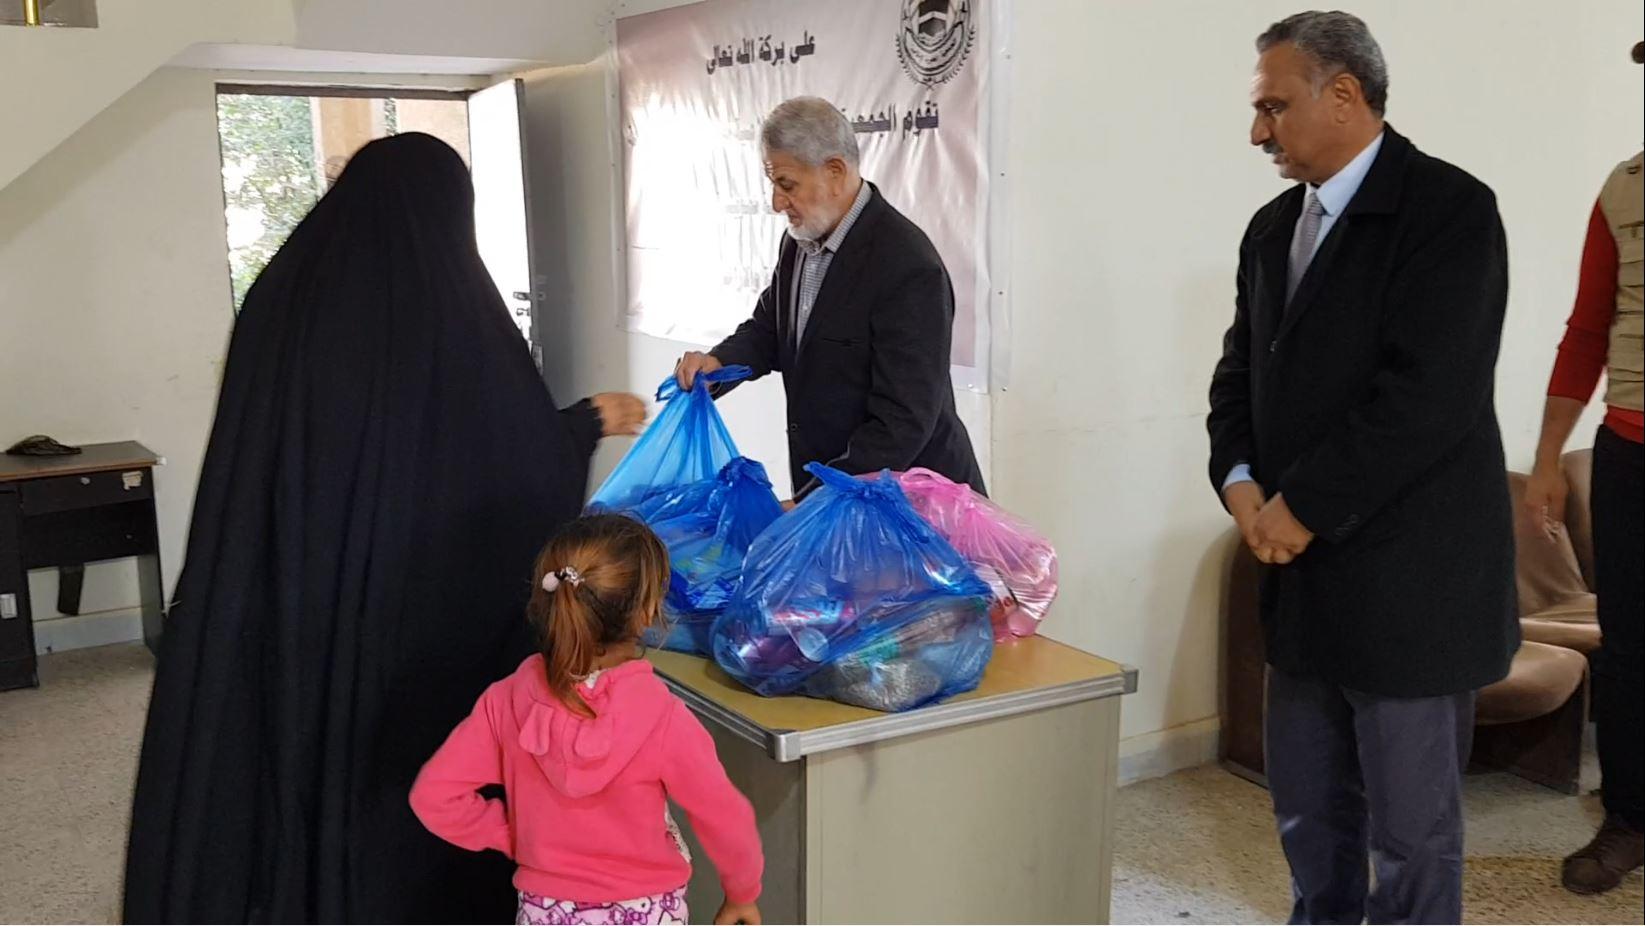 الفلوجة… الجمعية الخيرية الإسلامية توزع مساعدات اغاثية على المتعففين بالمدينة